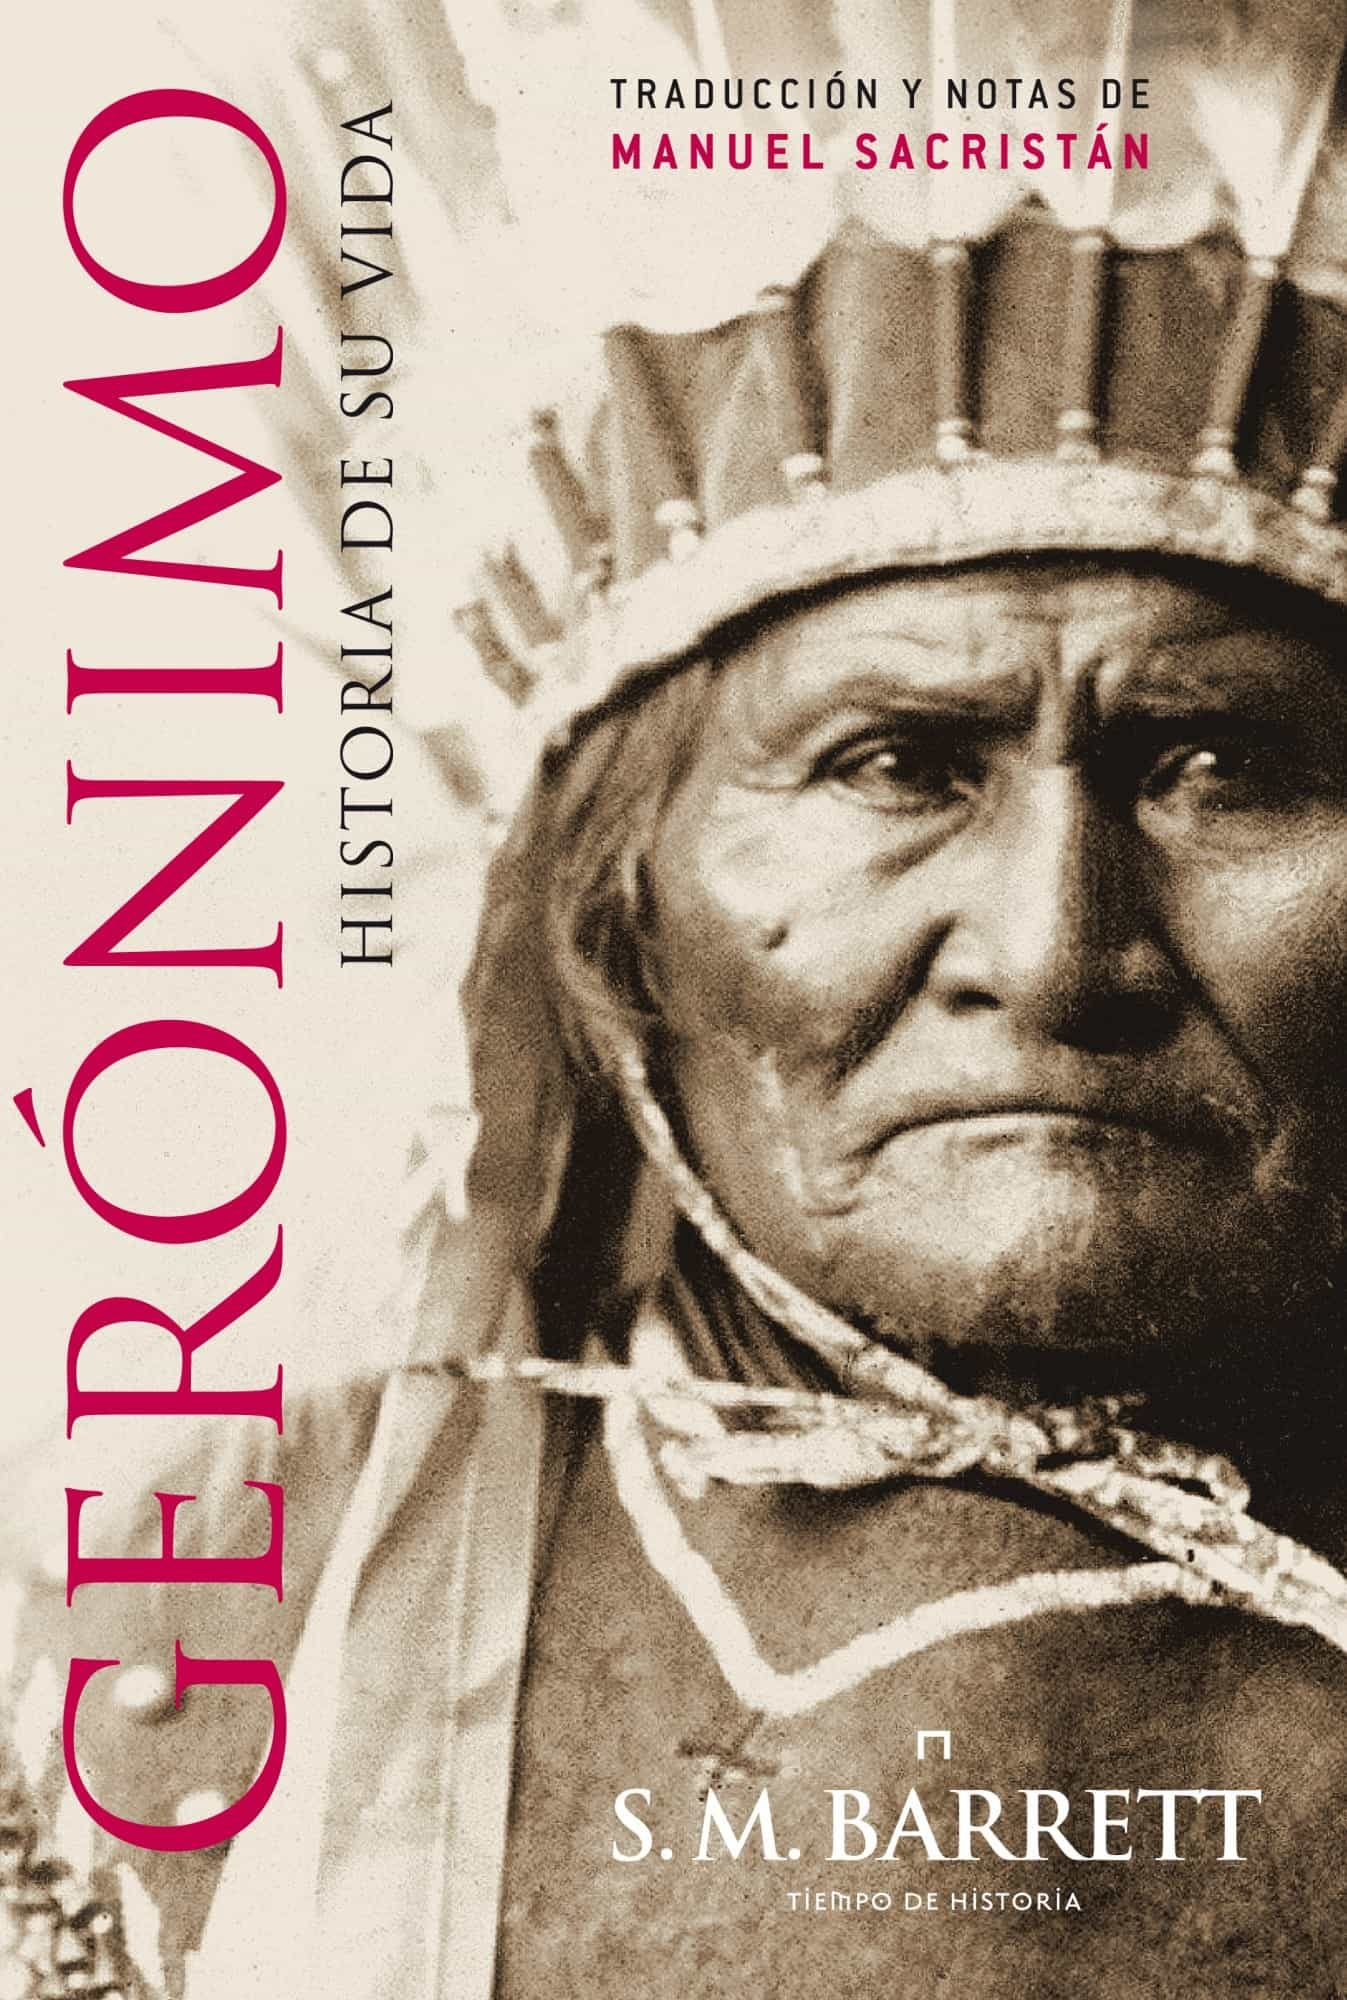 GERONIMO. HISTORIA DE VIDA | S.M. BARRET | Comprar libro 9788498925791